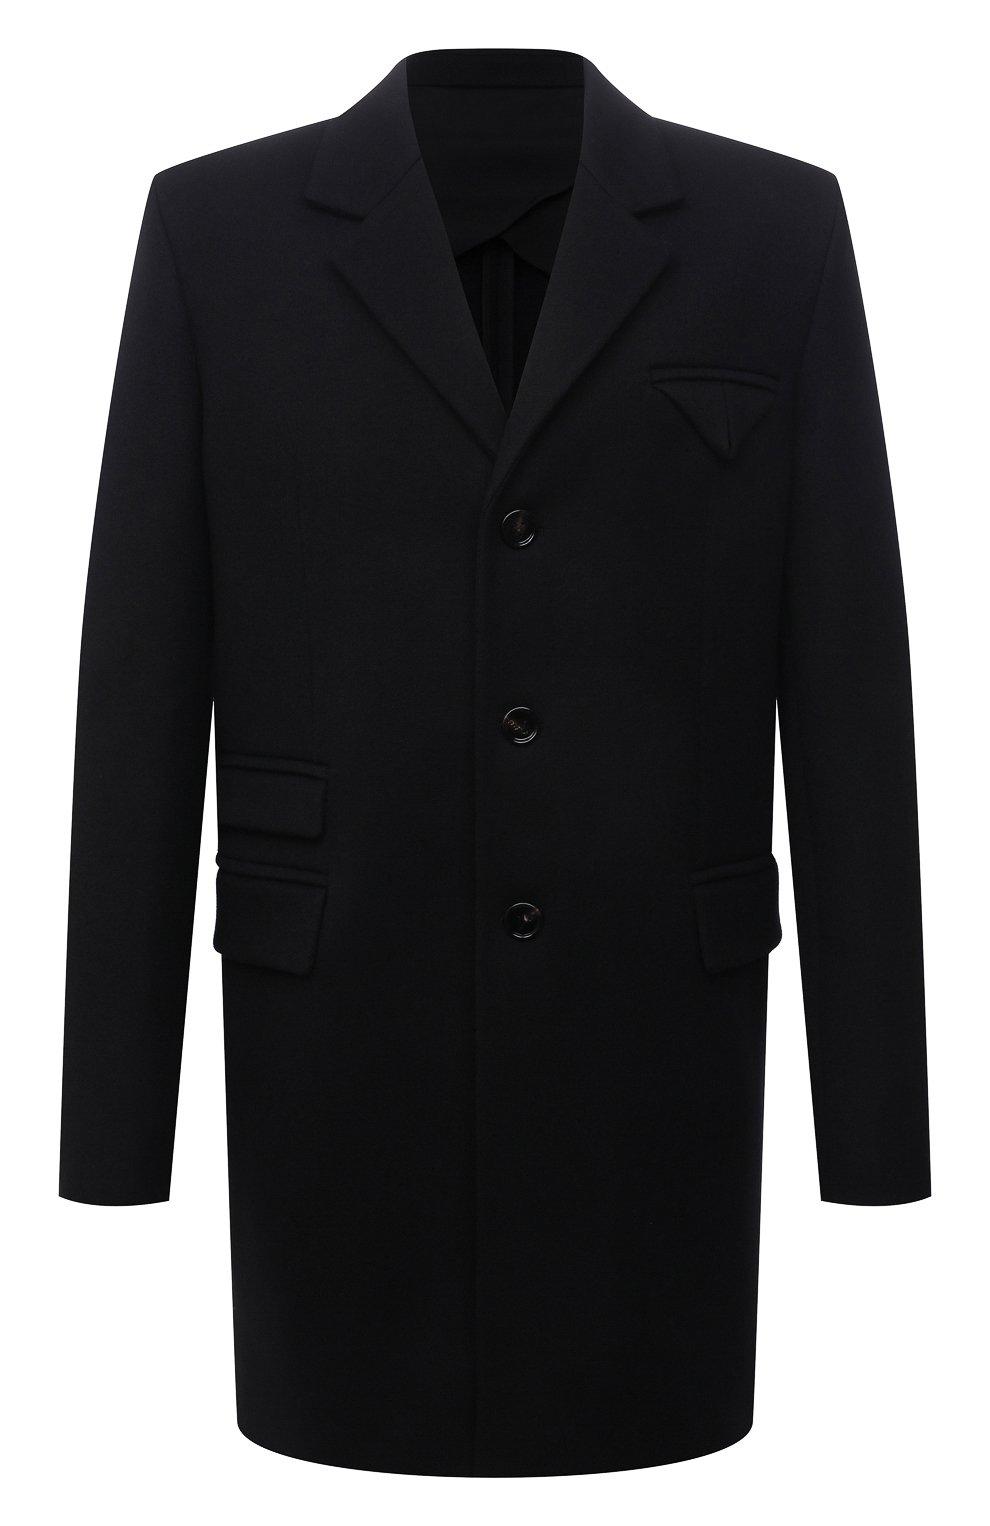 Мужской шерстяное пальто BOTTEGA VENETA черного цвета, арт. 659597/VKUU0 | Фото 1 (Материал внешний: Шерсть; Рукава: Длинные; Длина (верхняя одежда): До середины бедра; Стили: Классический, Минимализм; Материал подклада: Вискоза; Мужское Кросс-КТ: пальто-верхняя одежда)